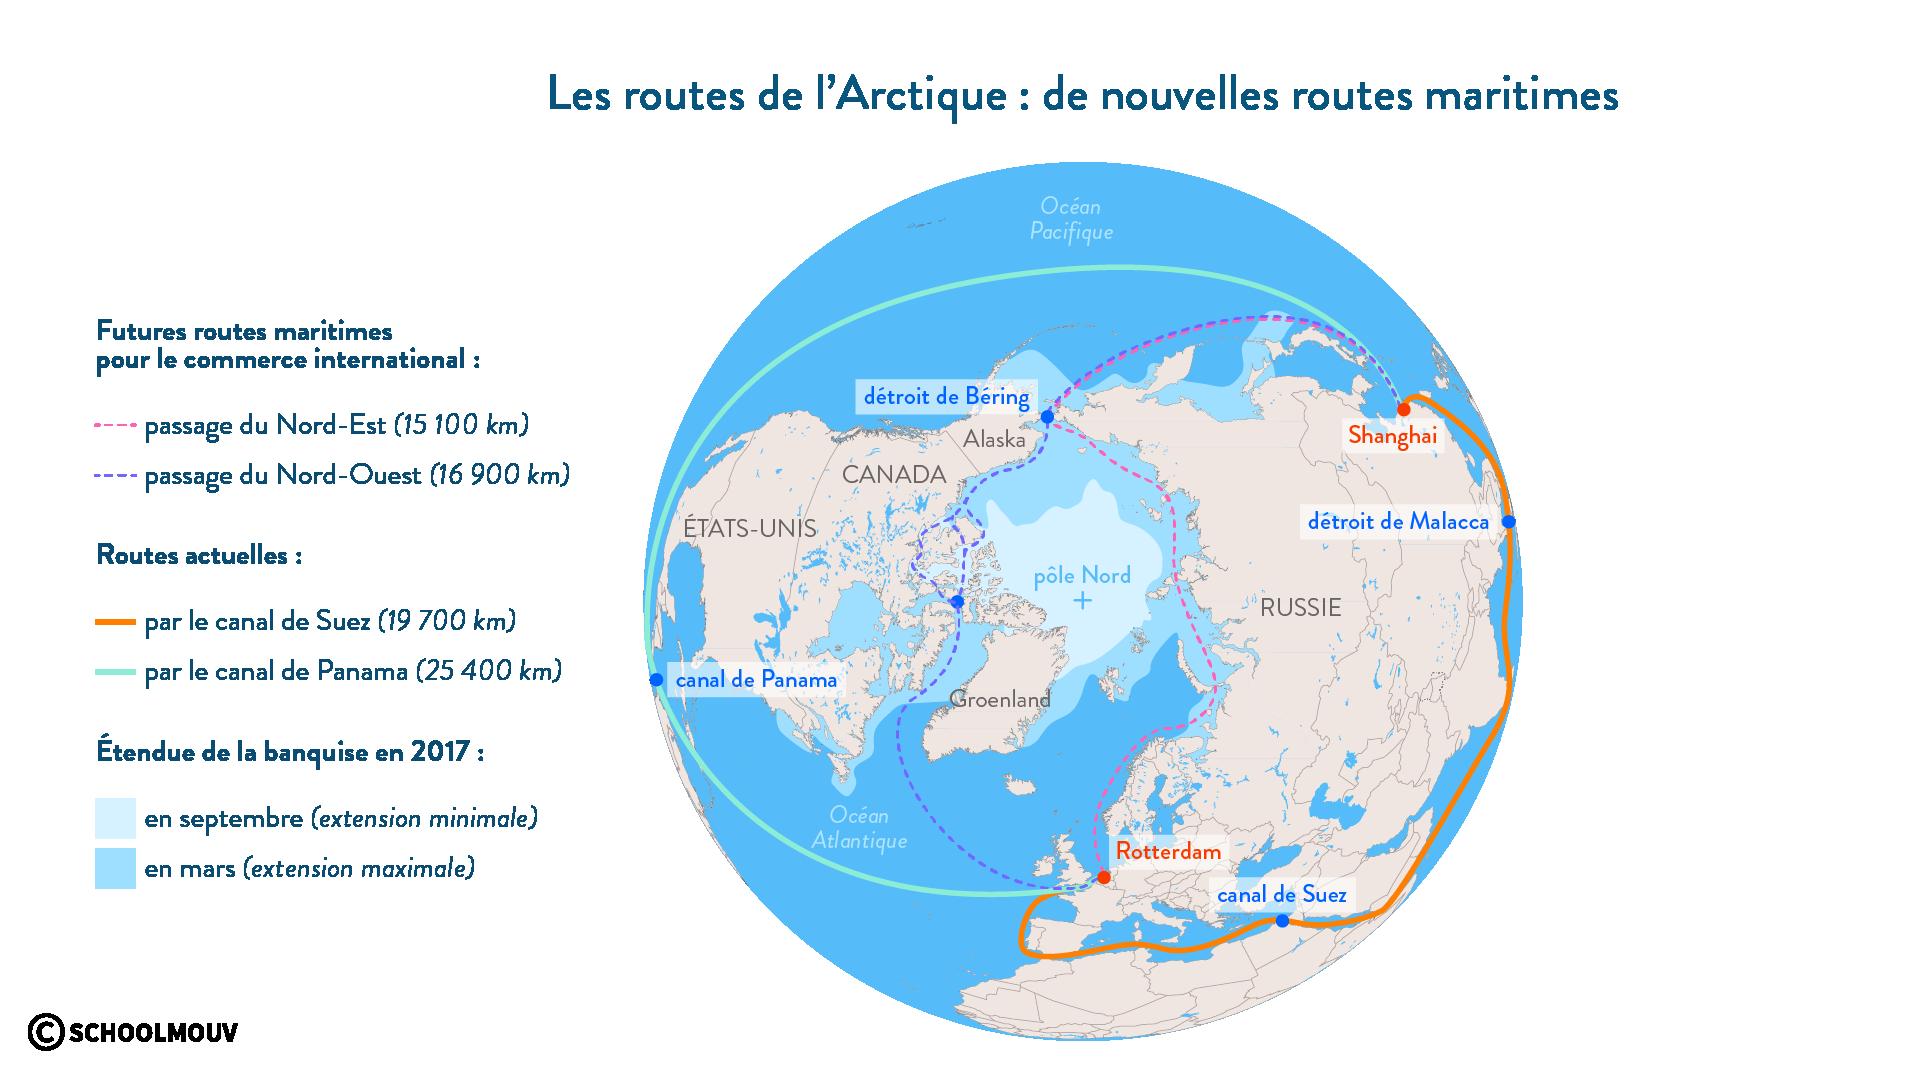 Lesnouvelles routes martitimes de l'Arctique - géographie - SchoolMouv - 2de